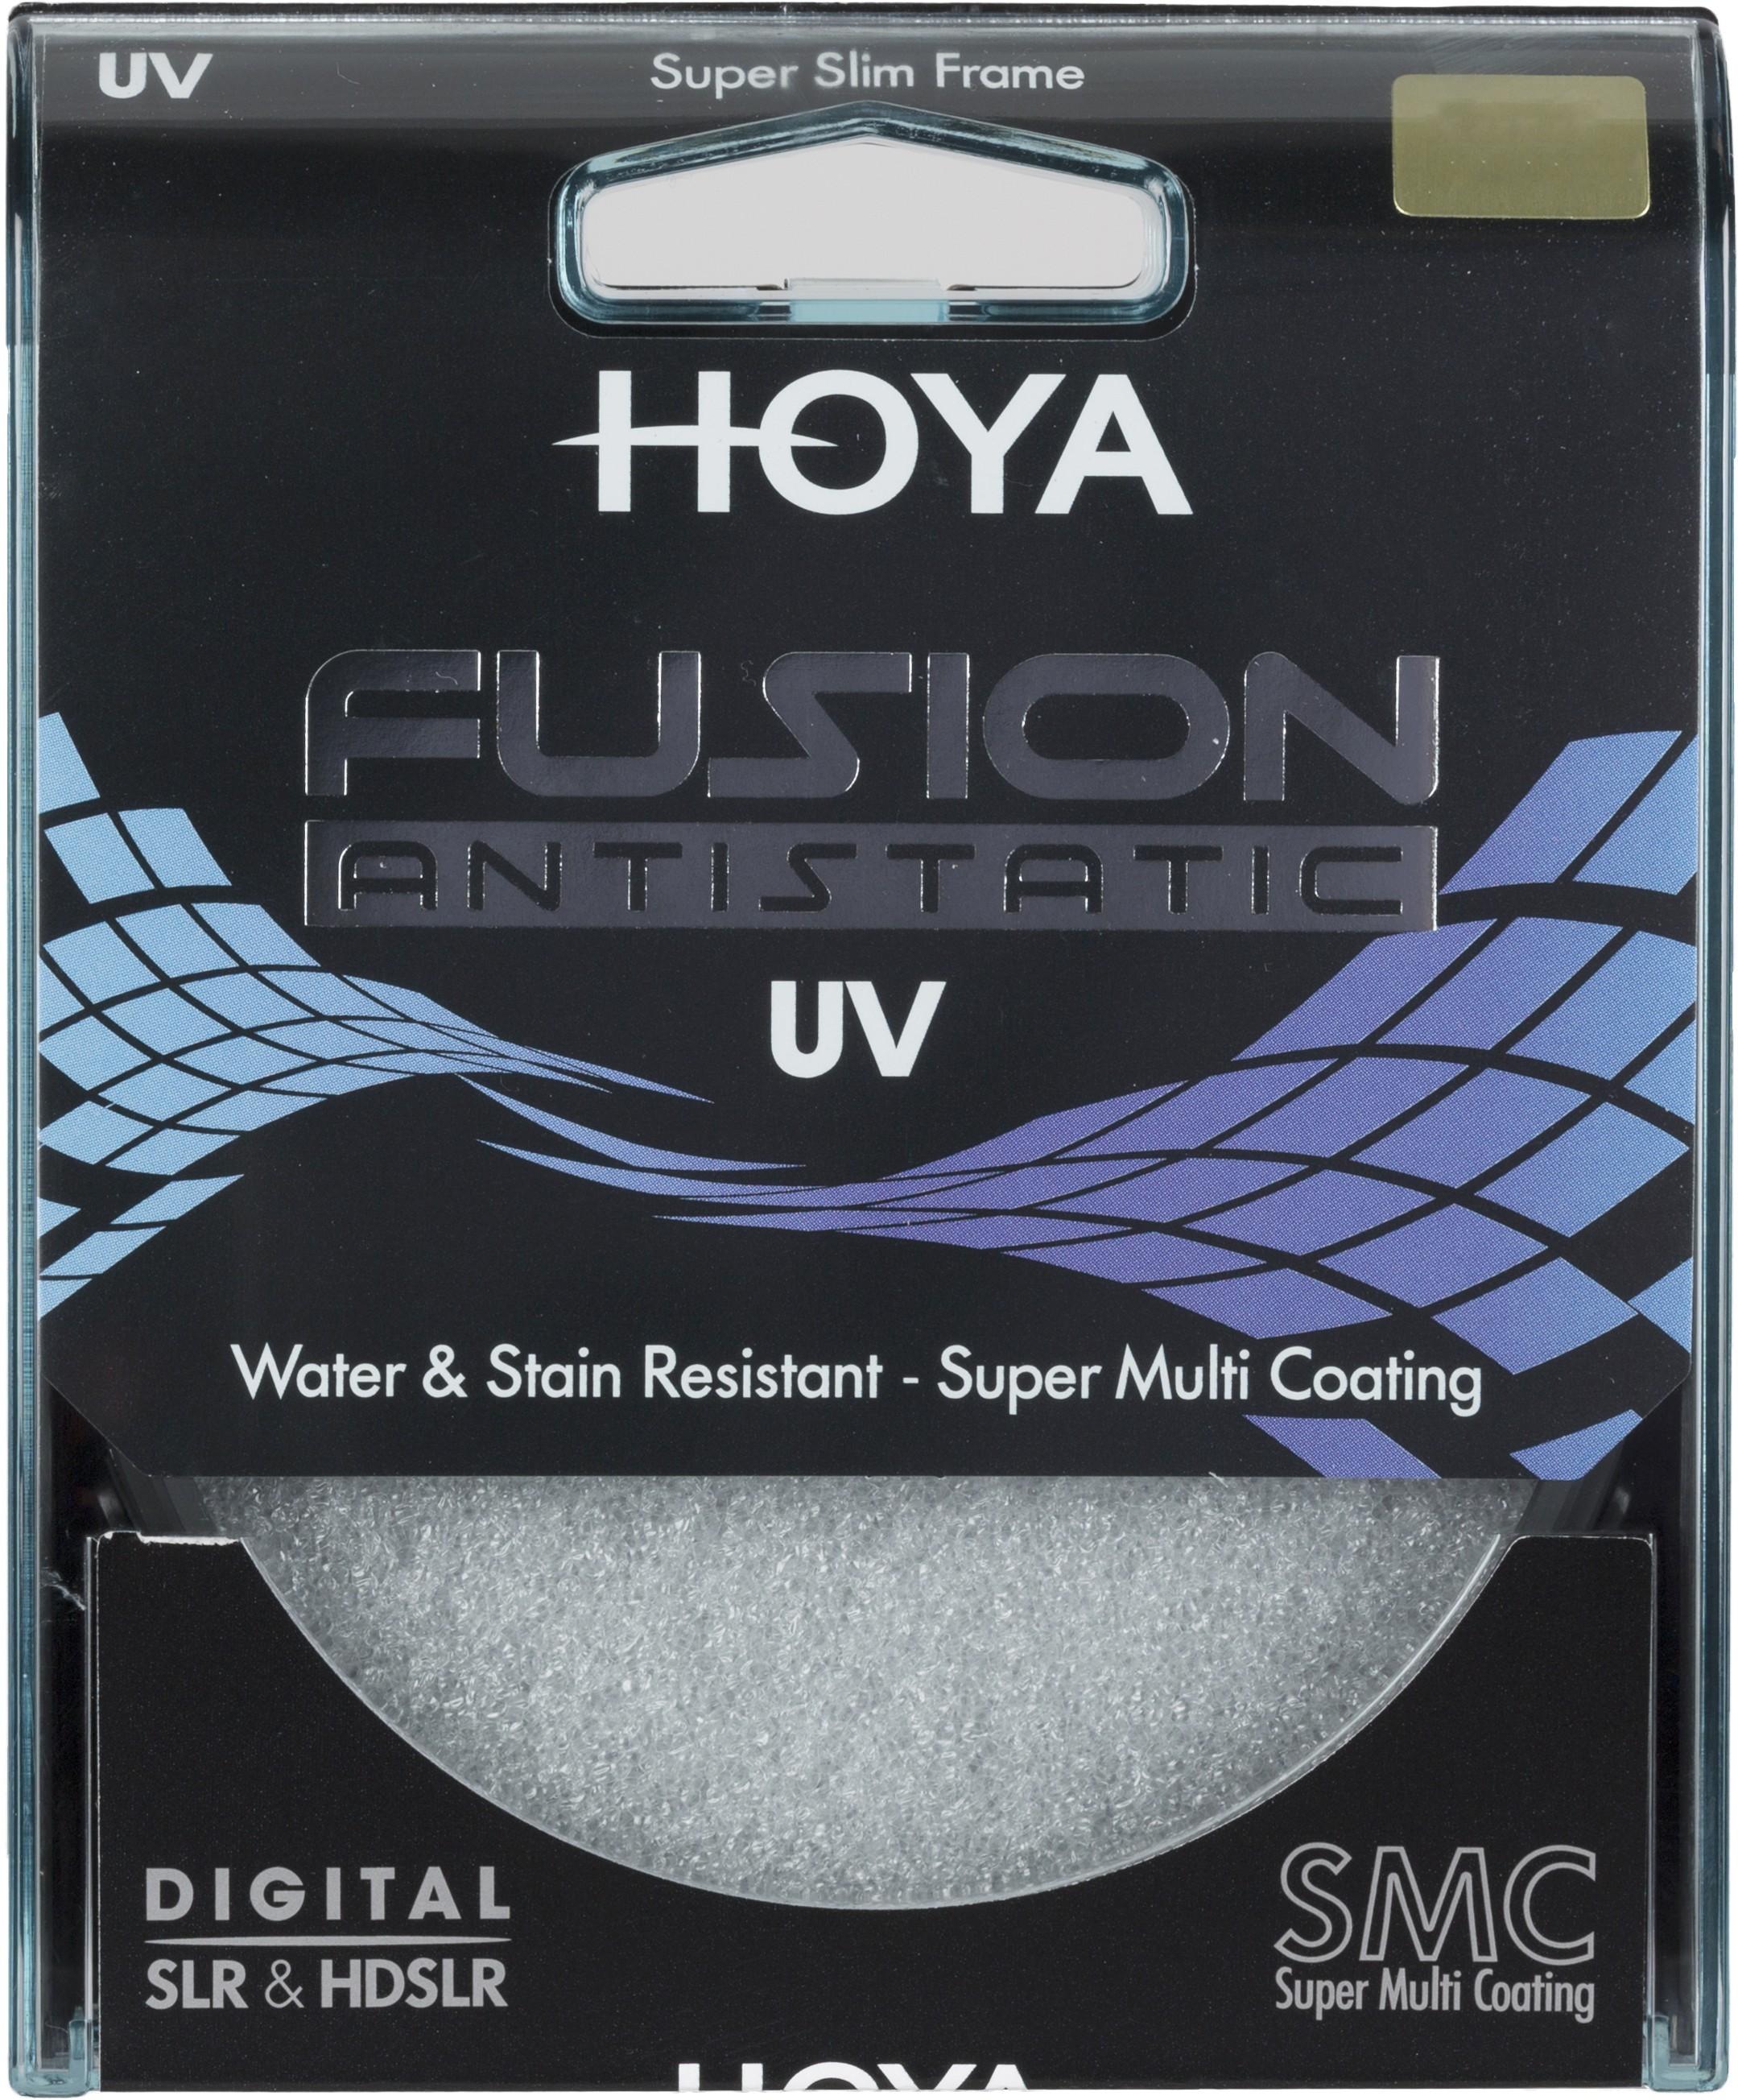 Hoya filter UV Fusion Antistatic 43mm